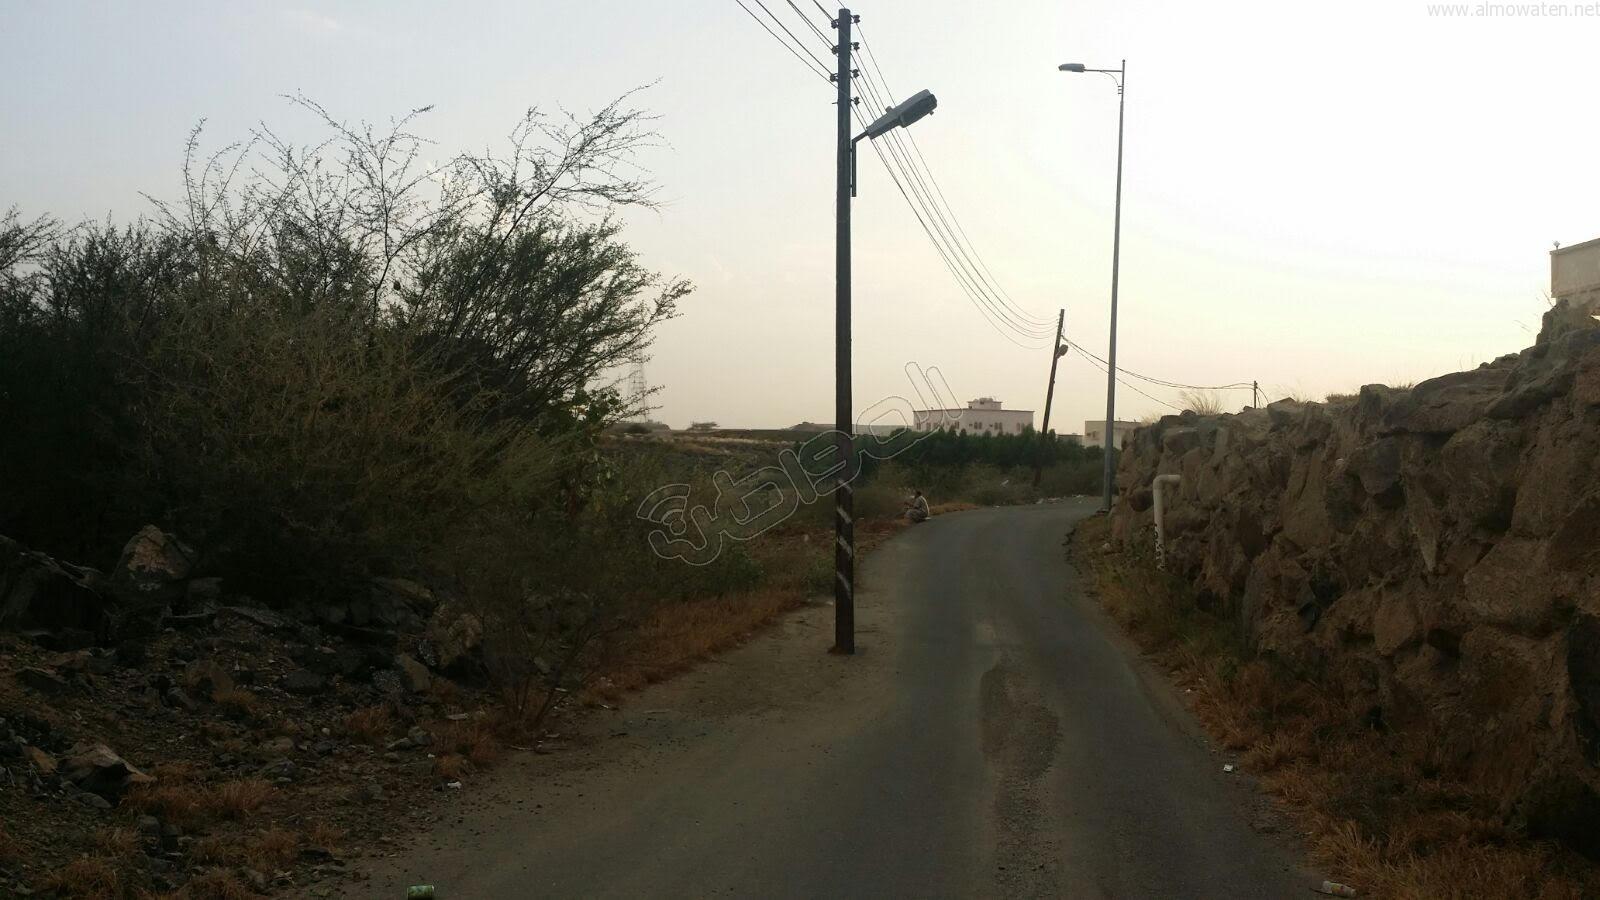 عمودين-كهرباء-يقتصان-شارع-بالمجاردة (1)